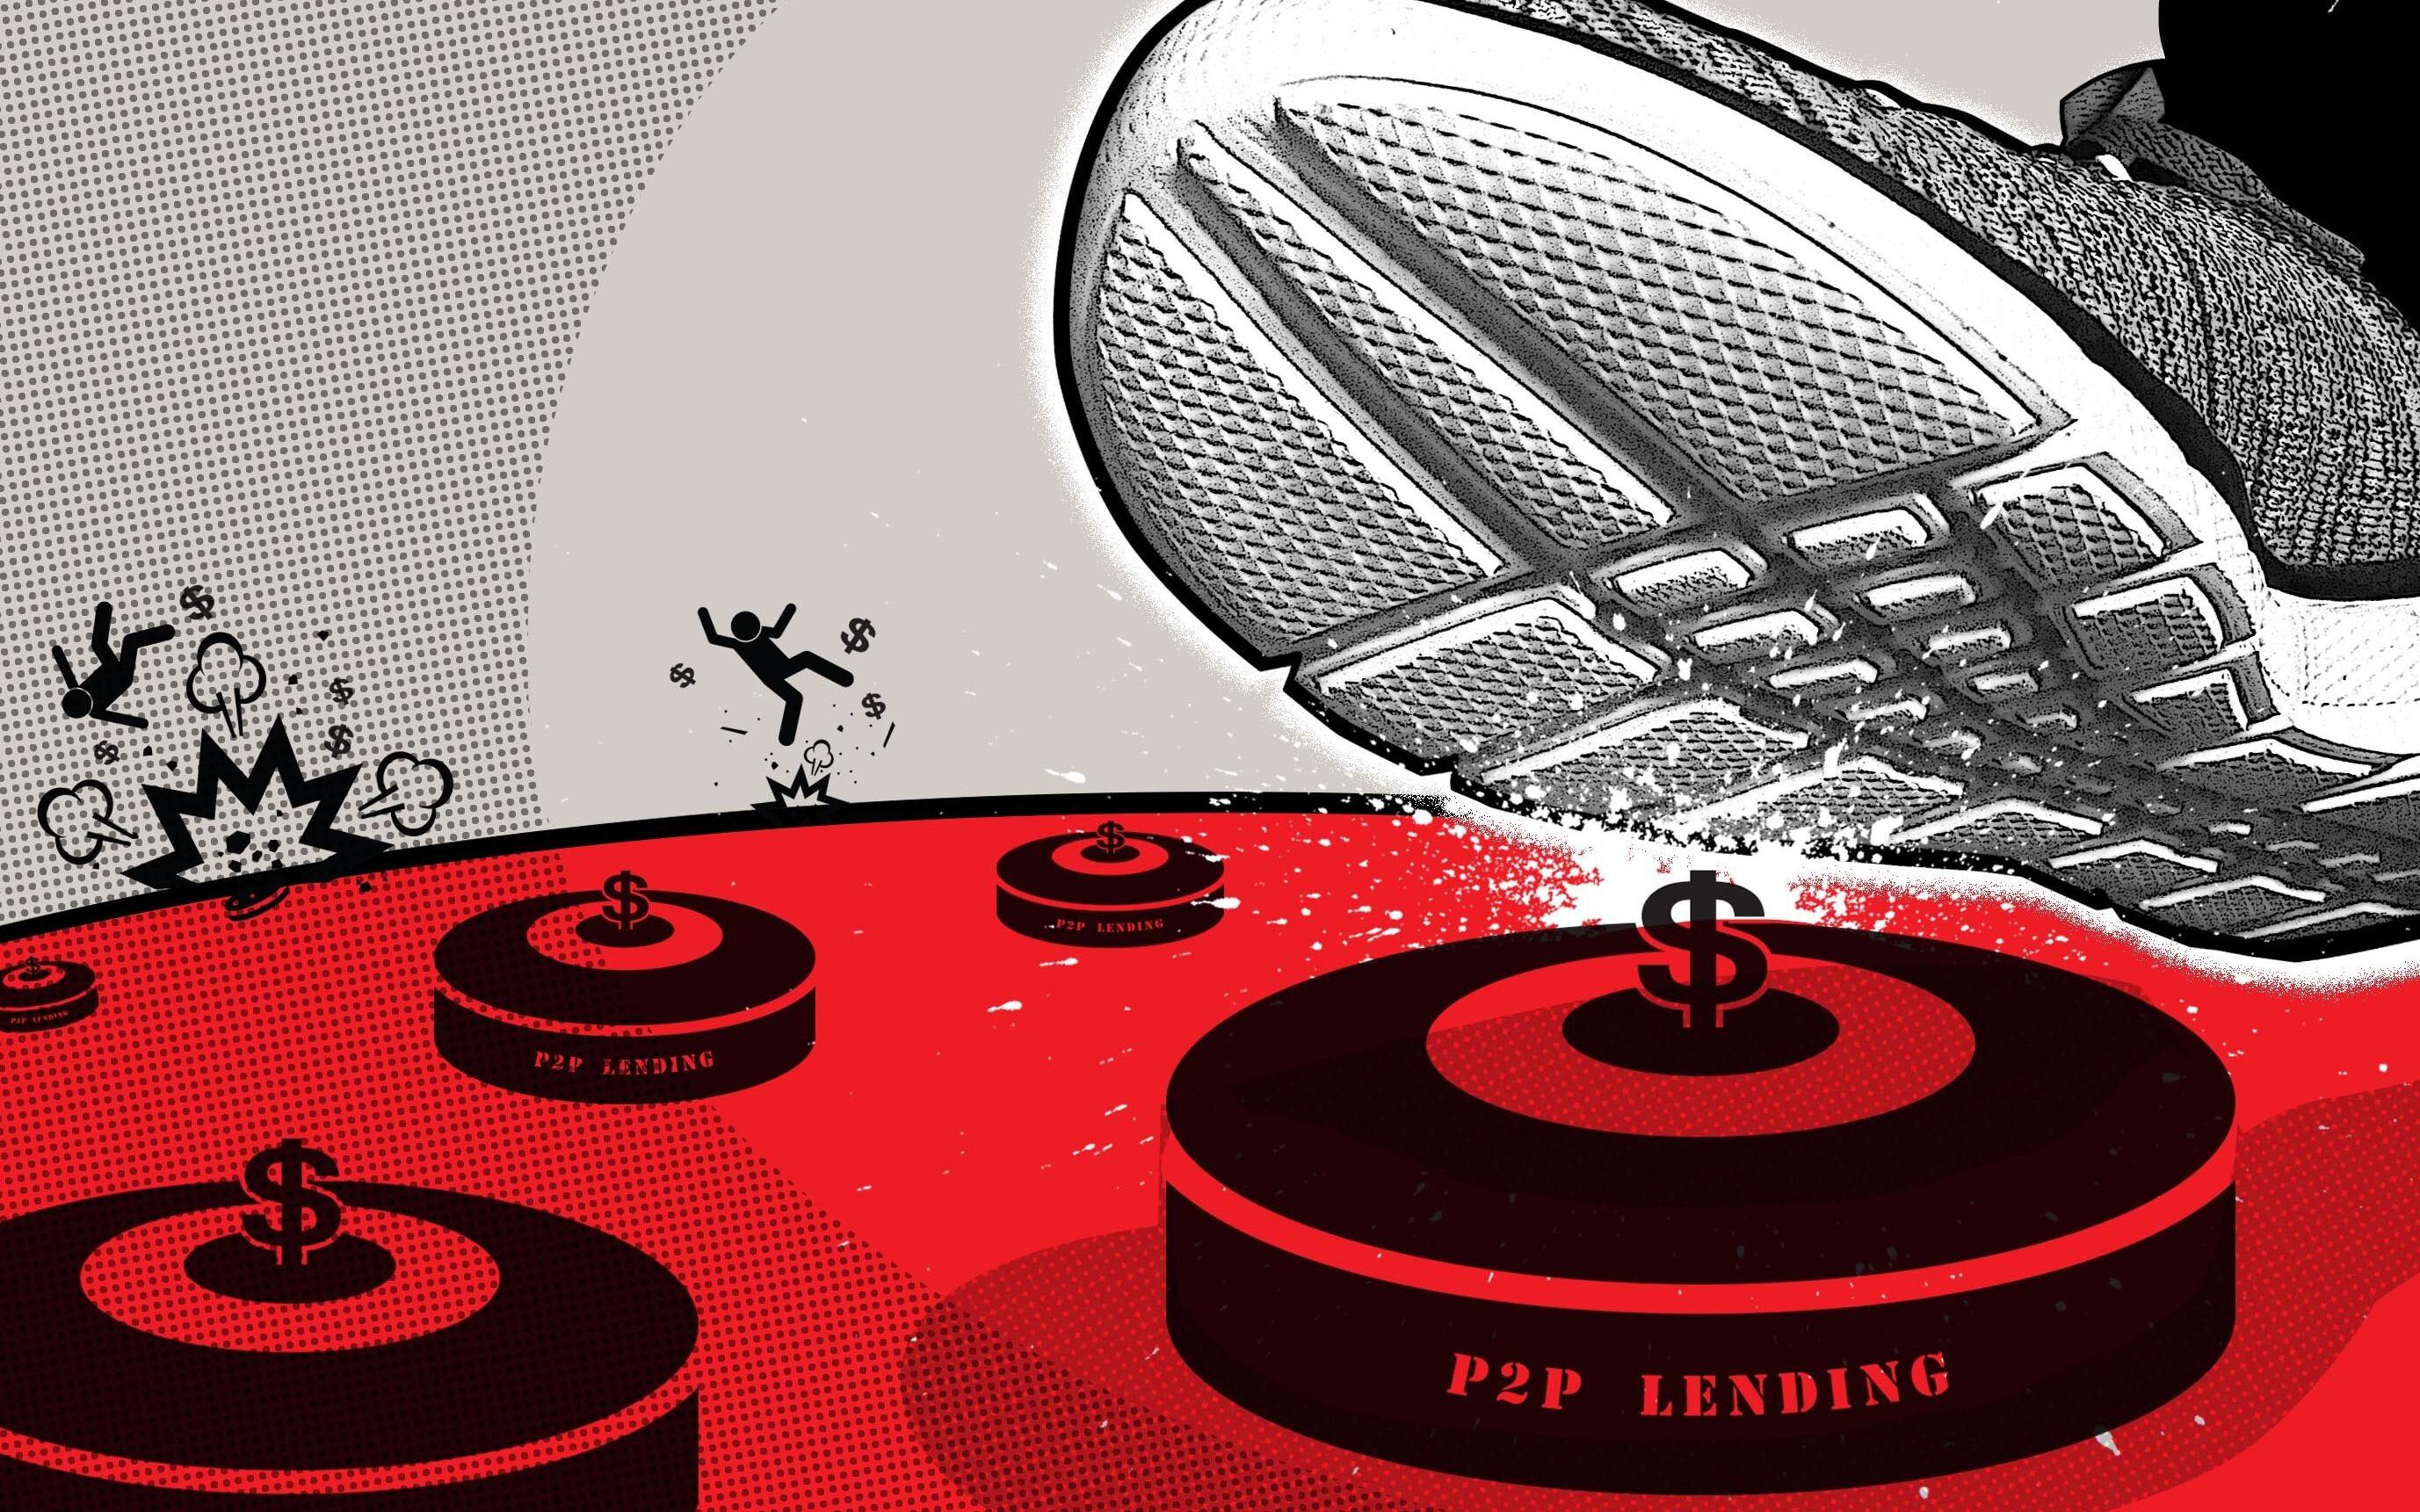 Trung Quốc: Nhà đầu tư mất trắng 120 tỷ USD khi hệ thống P2P sụp đổ